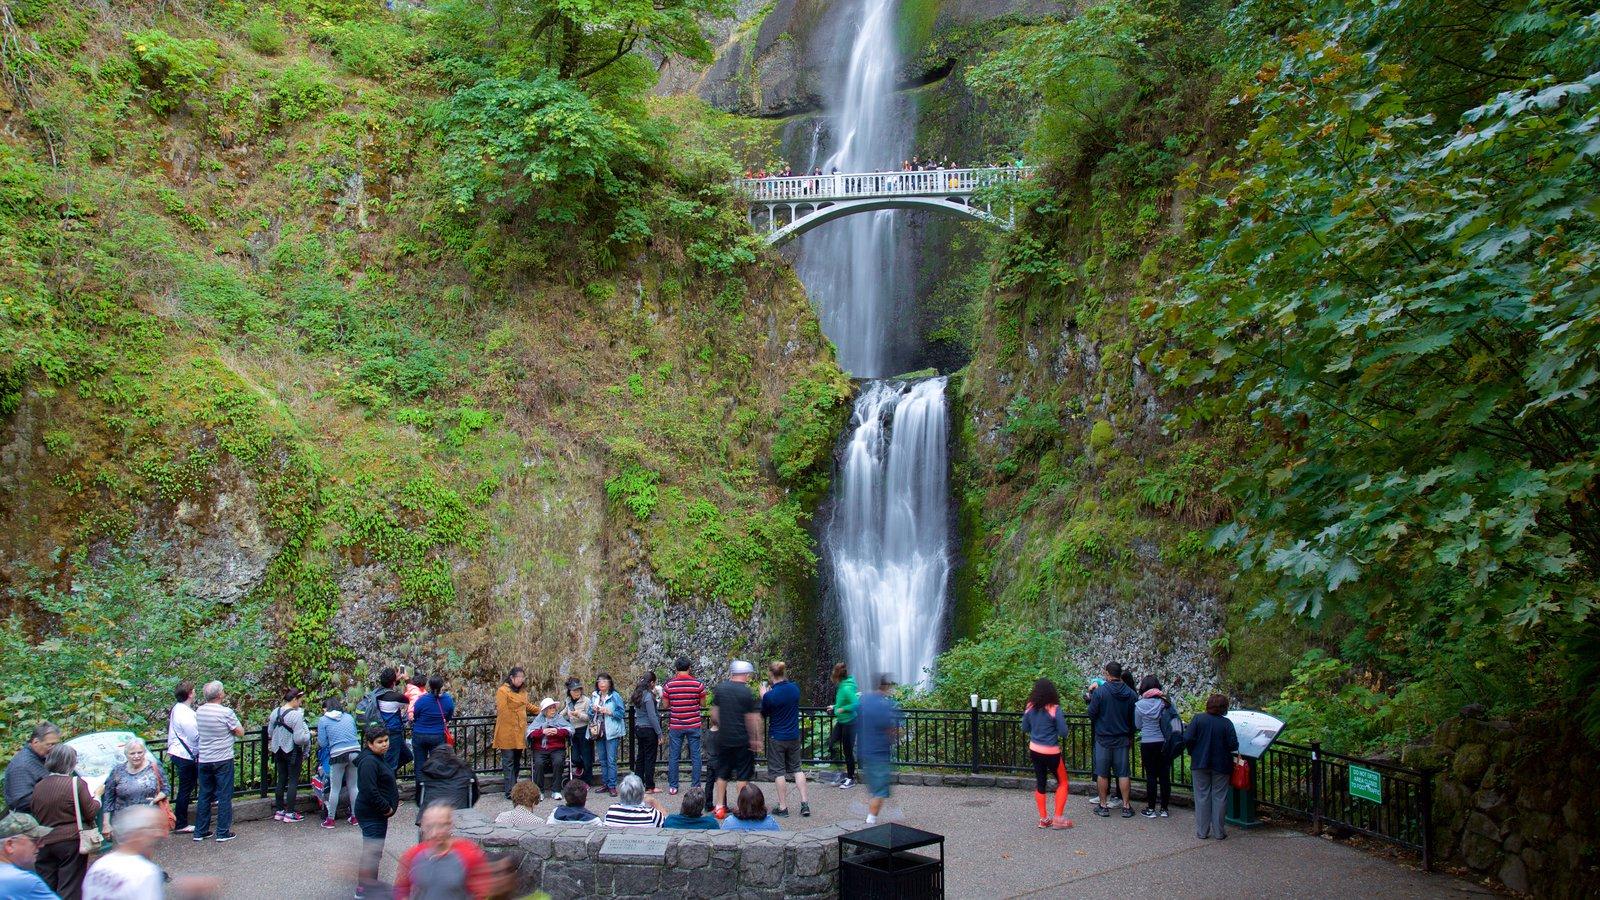 Cascadas de Multnomah que incluye una cascada y vistas y también un gran grupo de personas